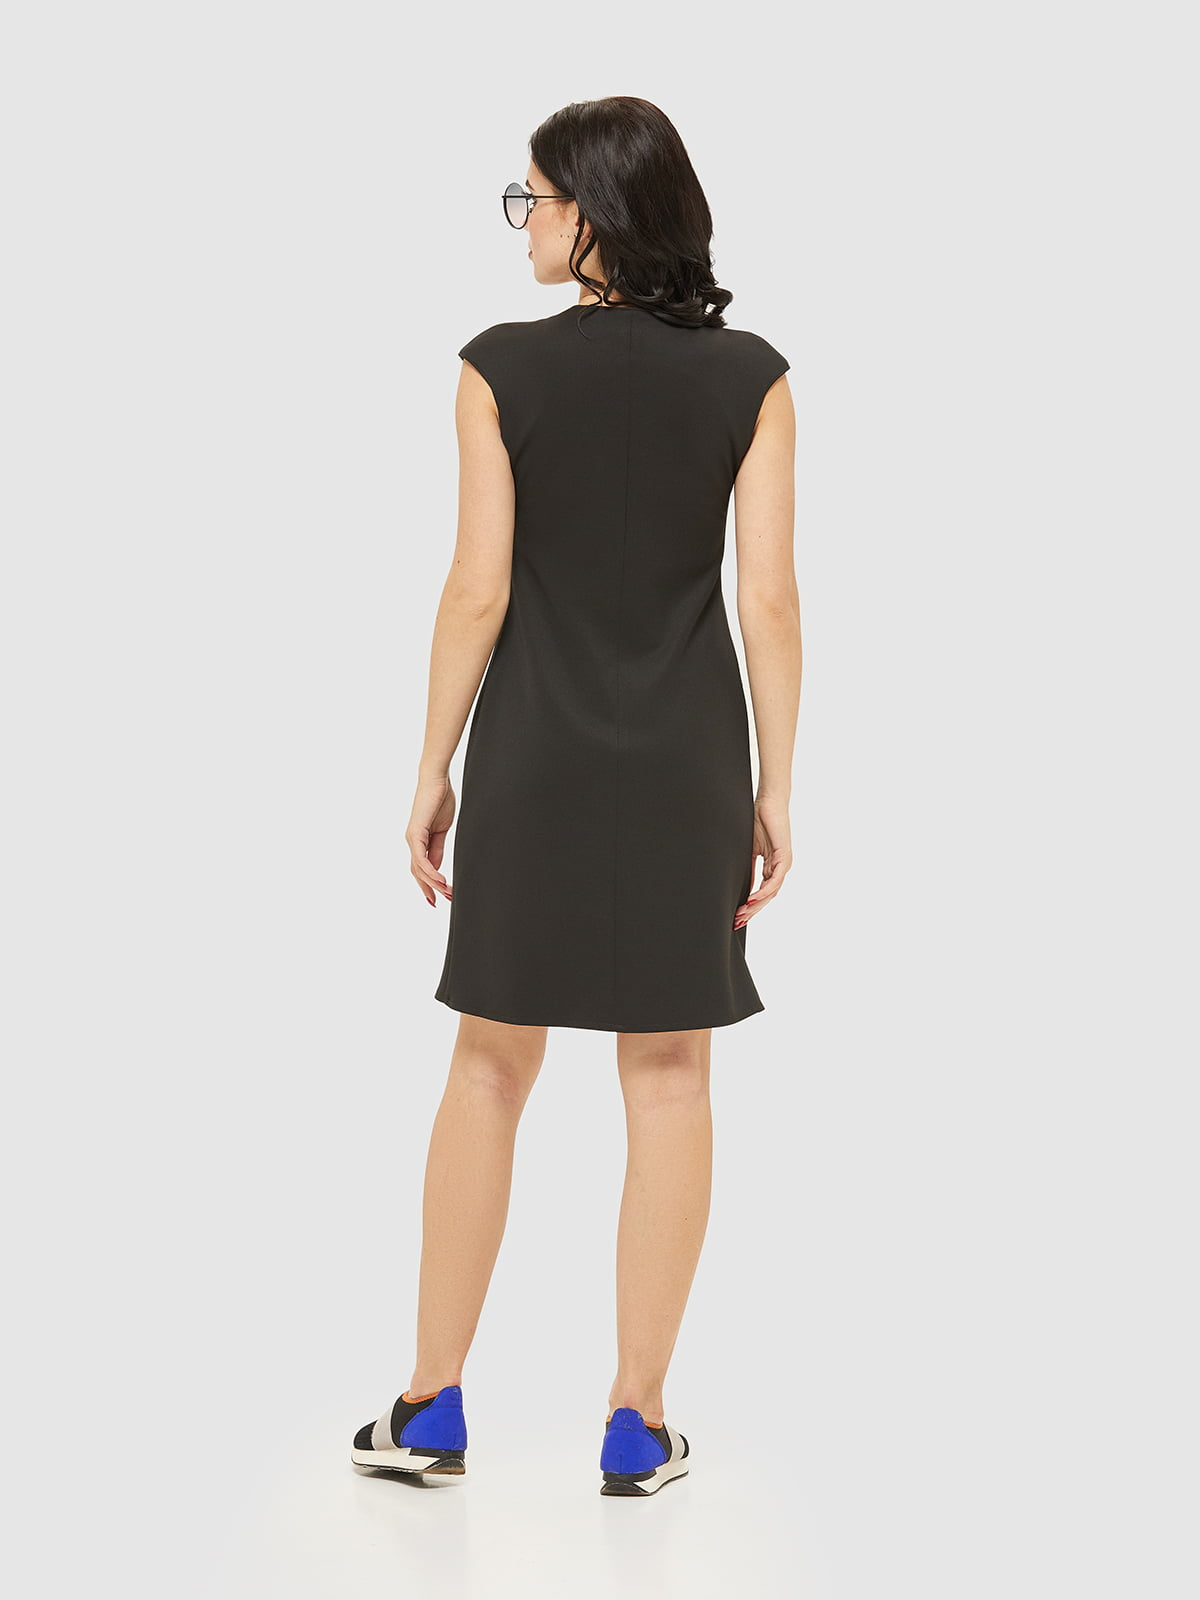 Сукня чорна   2386048   фото 2